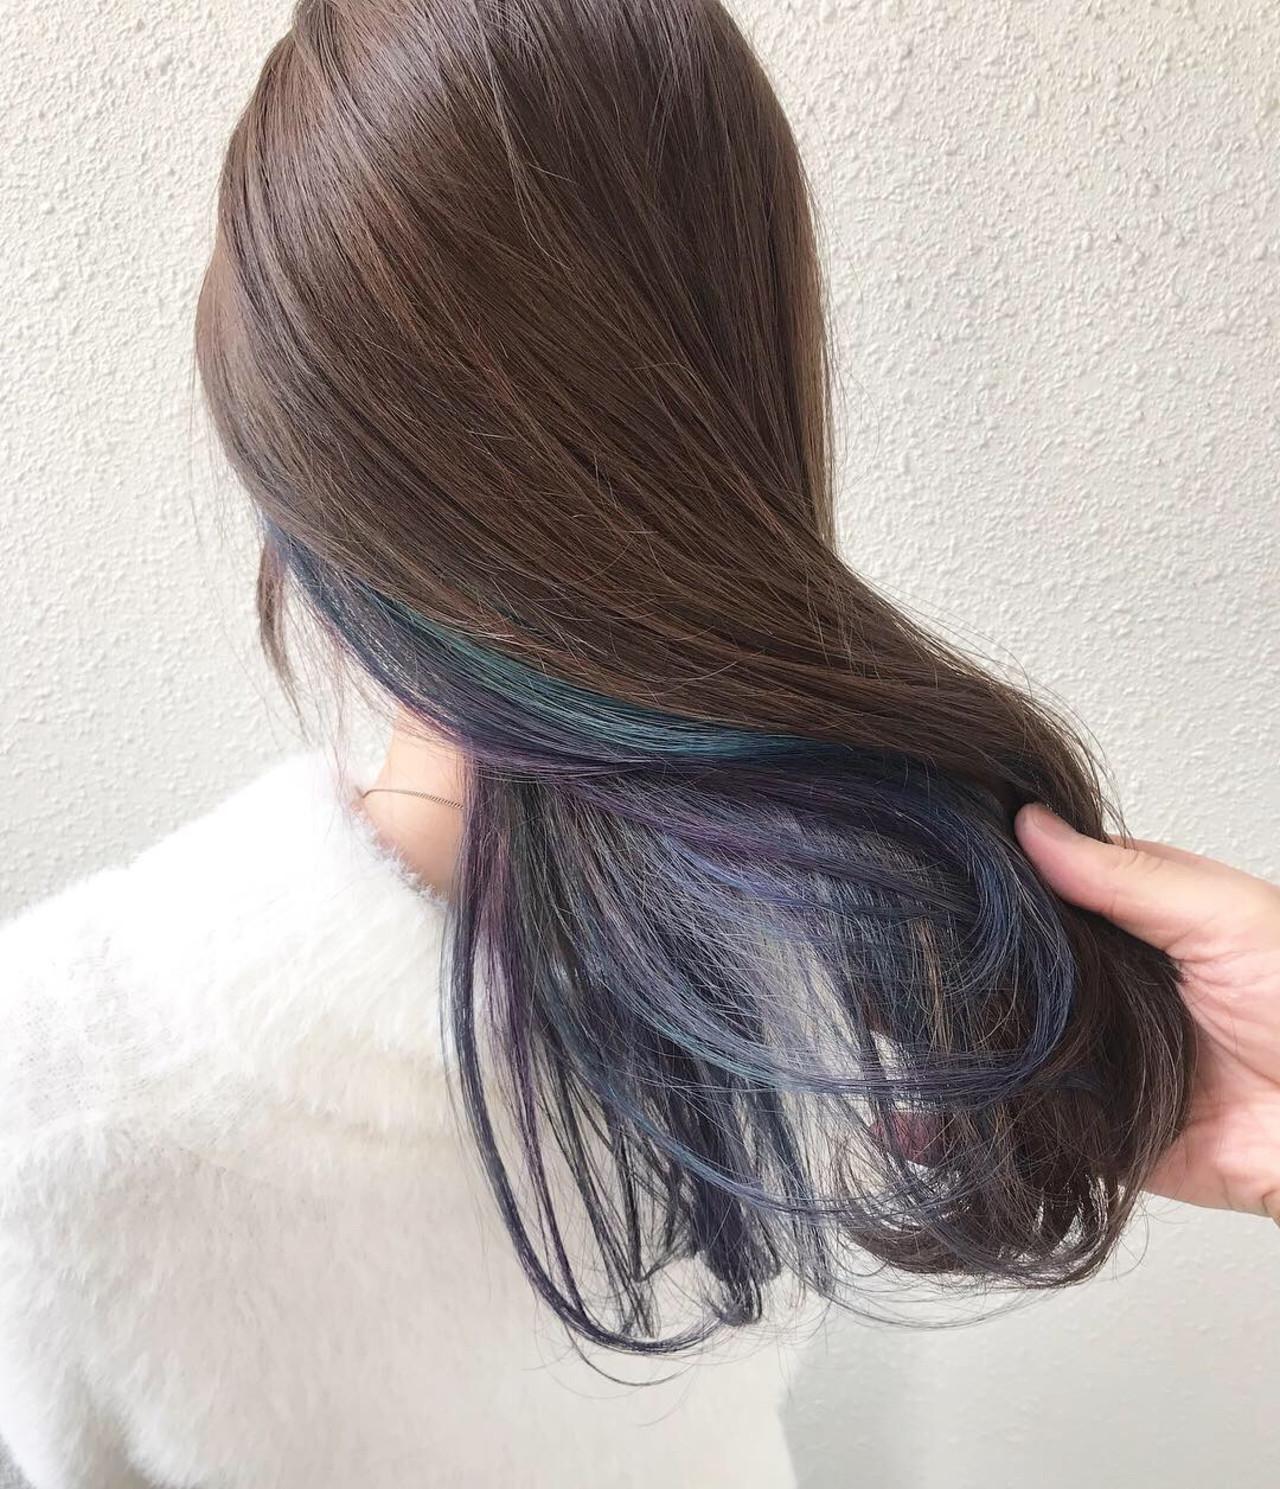 ユニコーンカラー 外国人風カラー インナーカラー オーロラカラー ヘアスタイルや髪型の写真・画像 | ヤマモト徹 / CHERIE hair design